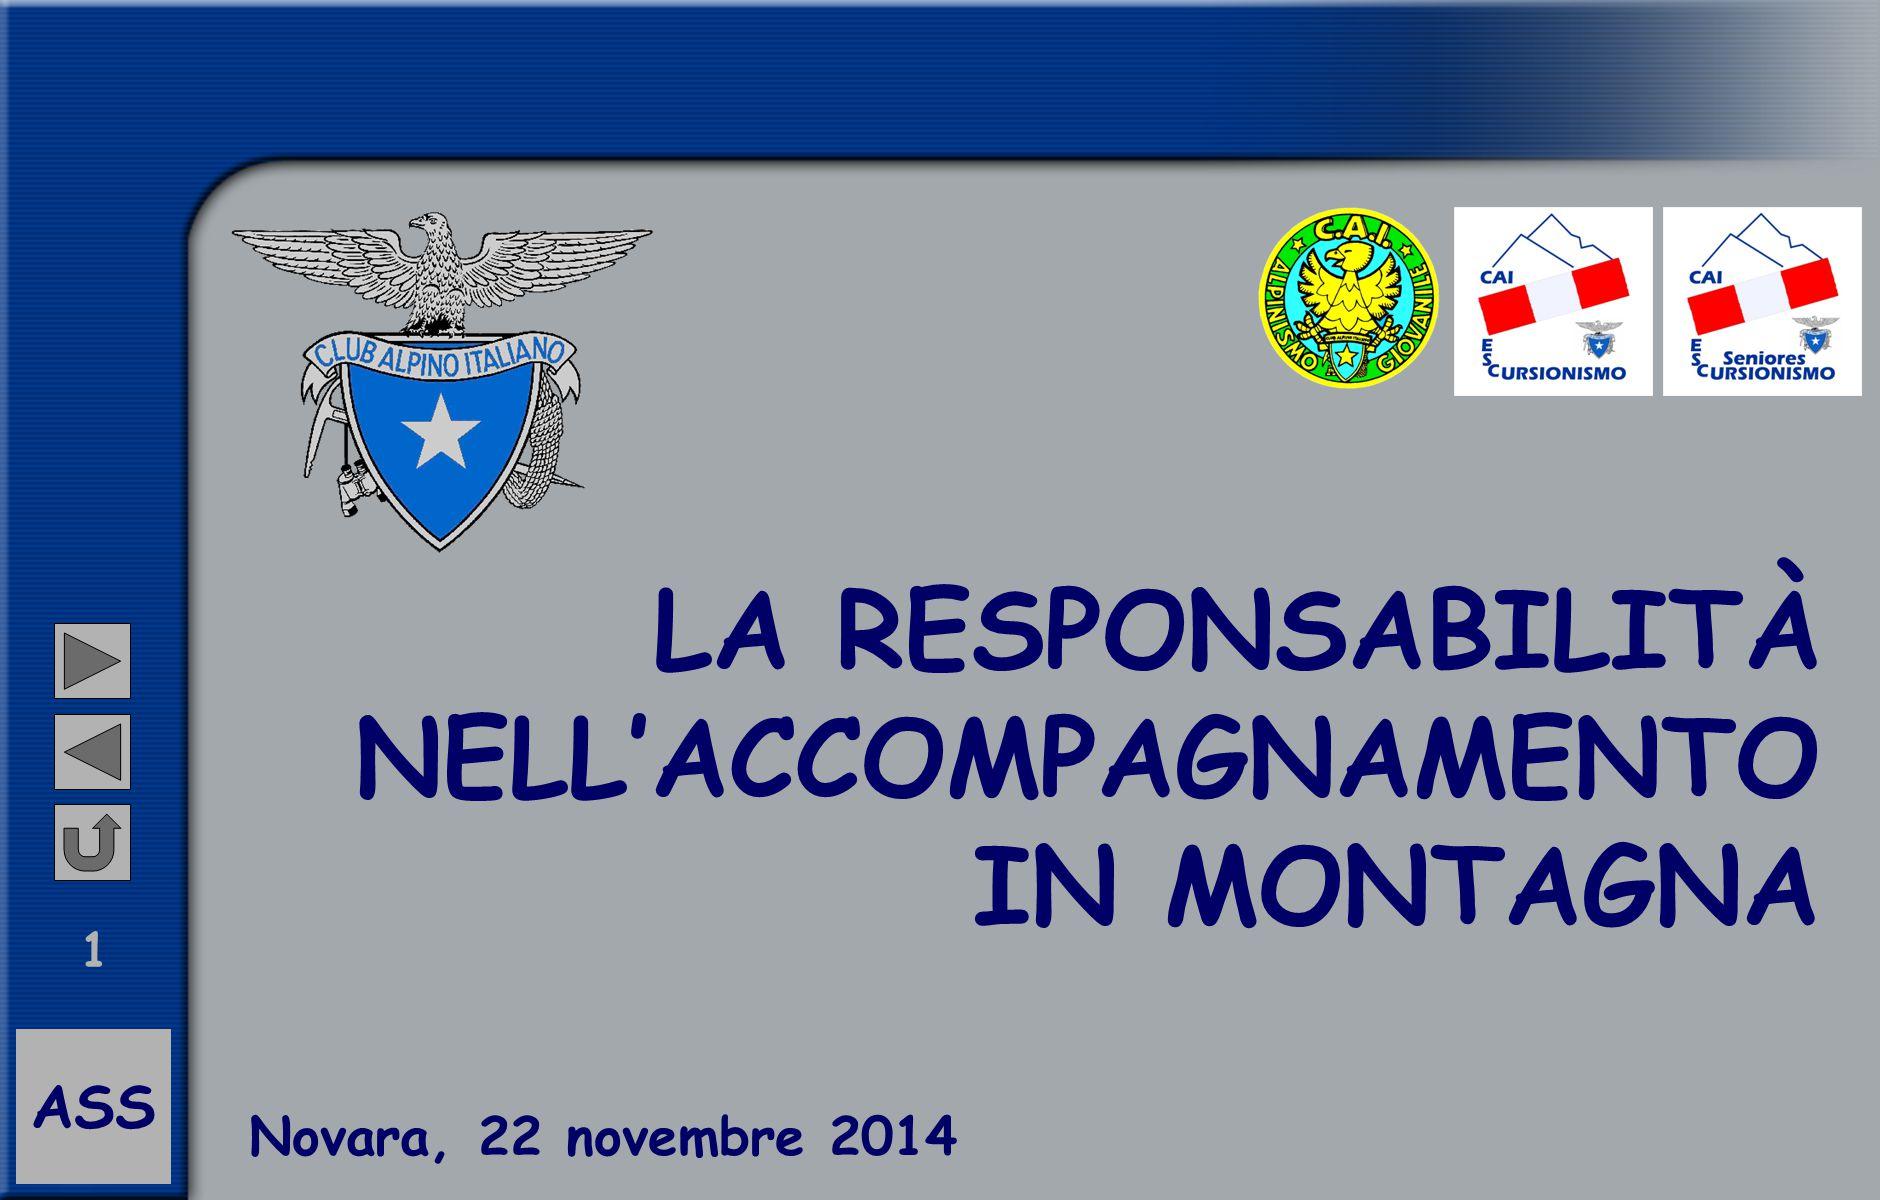 ASS 1 LA RESPONSABILITÀ NELL'ACCOMPAGNAMENTO IN MONTAGNA Novara, 22 novembre 2014